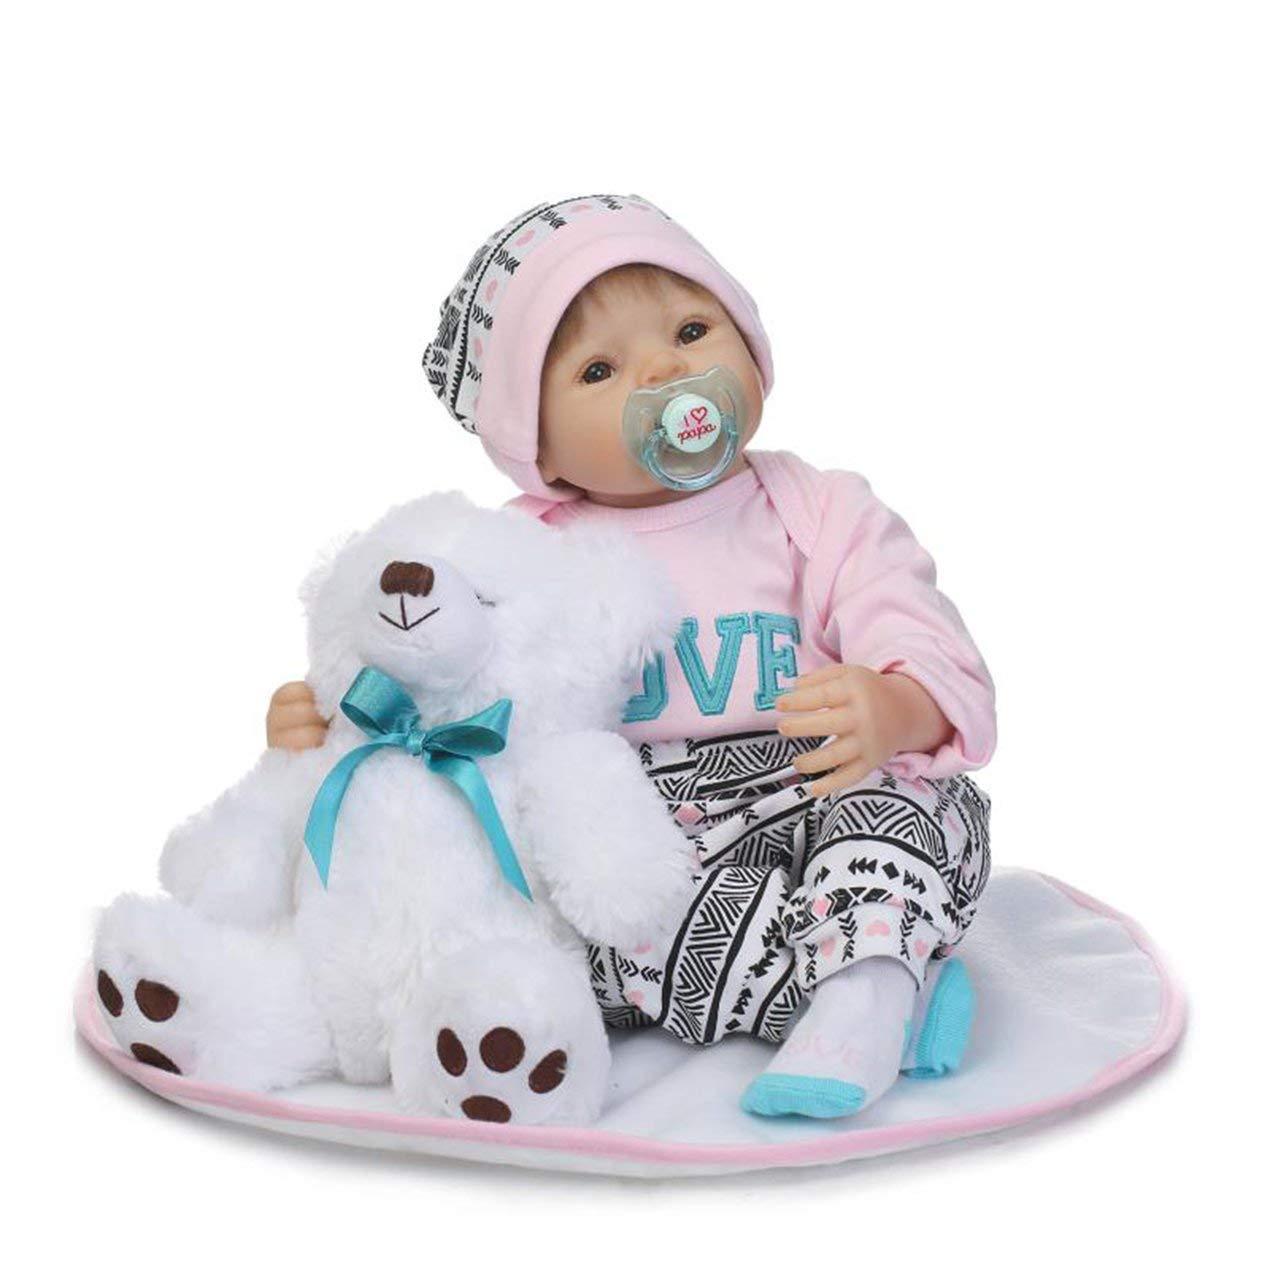 Naturgetreue Neugeborenes Baby Doll mit Weiß Bear, ungiftig Realistische Reborn Baby Doll mit Netten Handbemalte Eigenschaften und handapplizierte Haare, für Kinder Geburtstag Weihnachtsgeschenke